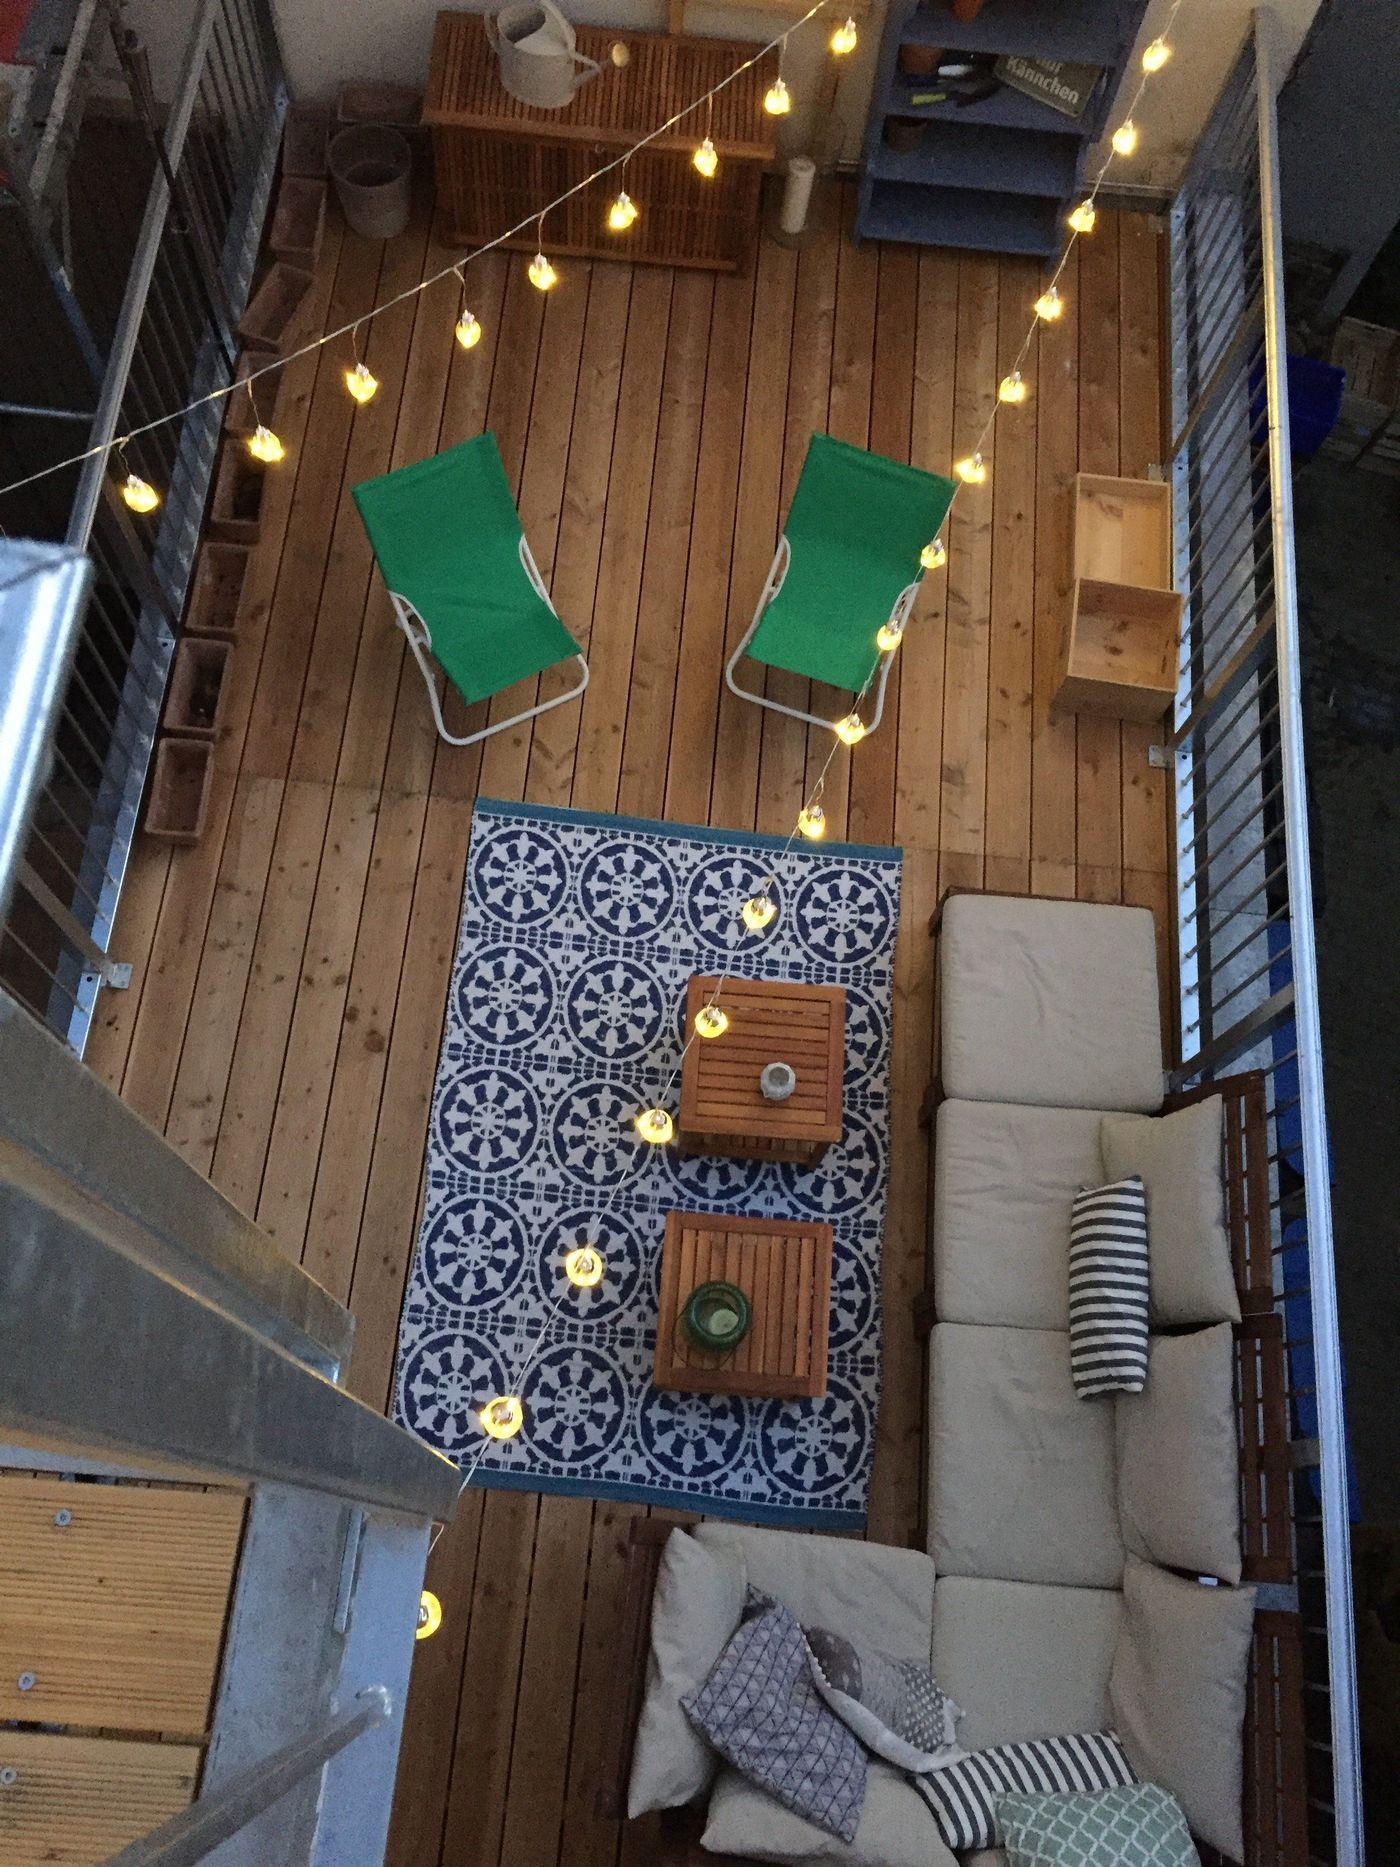 dachterrasse gestalten ideen bilder. Black Bedroom Furniture Sets. Home Design Ideas